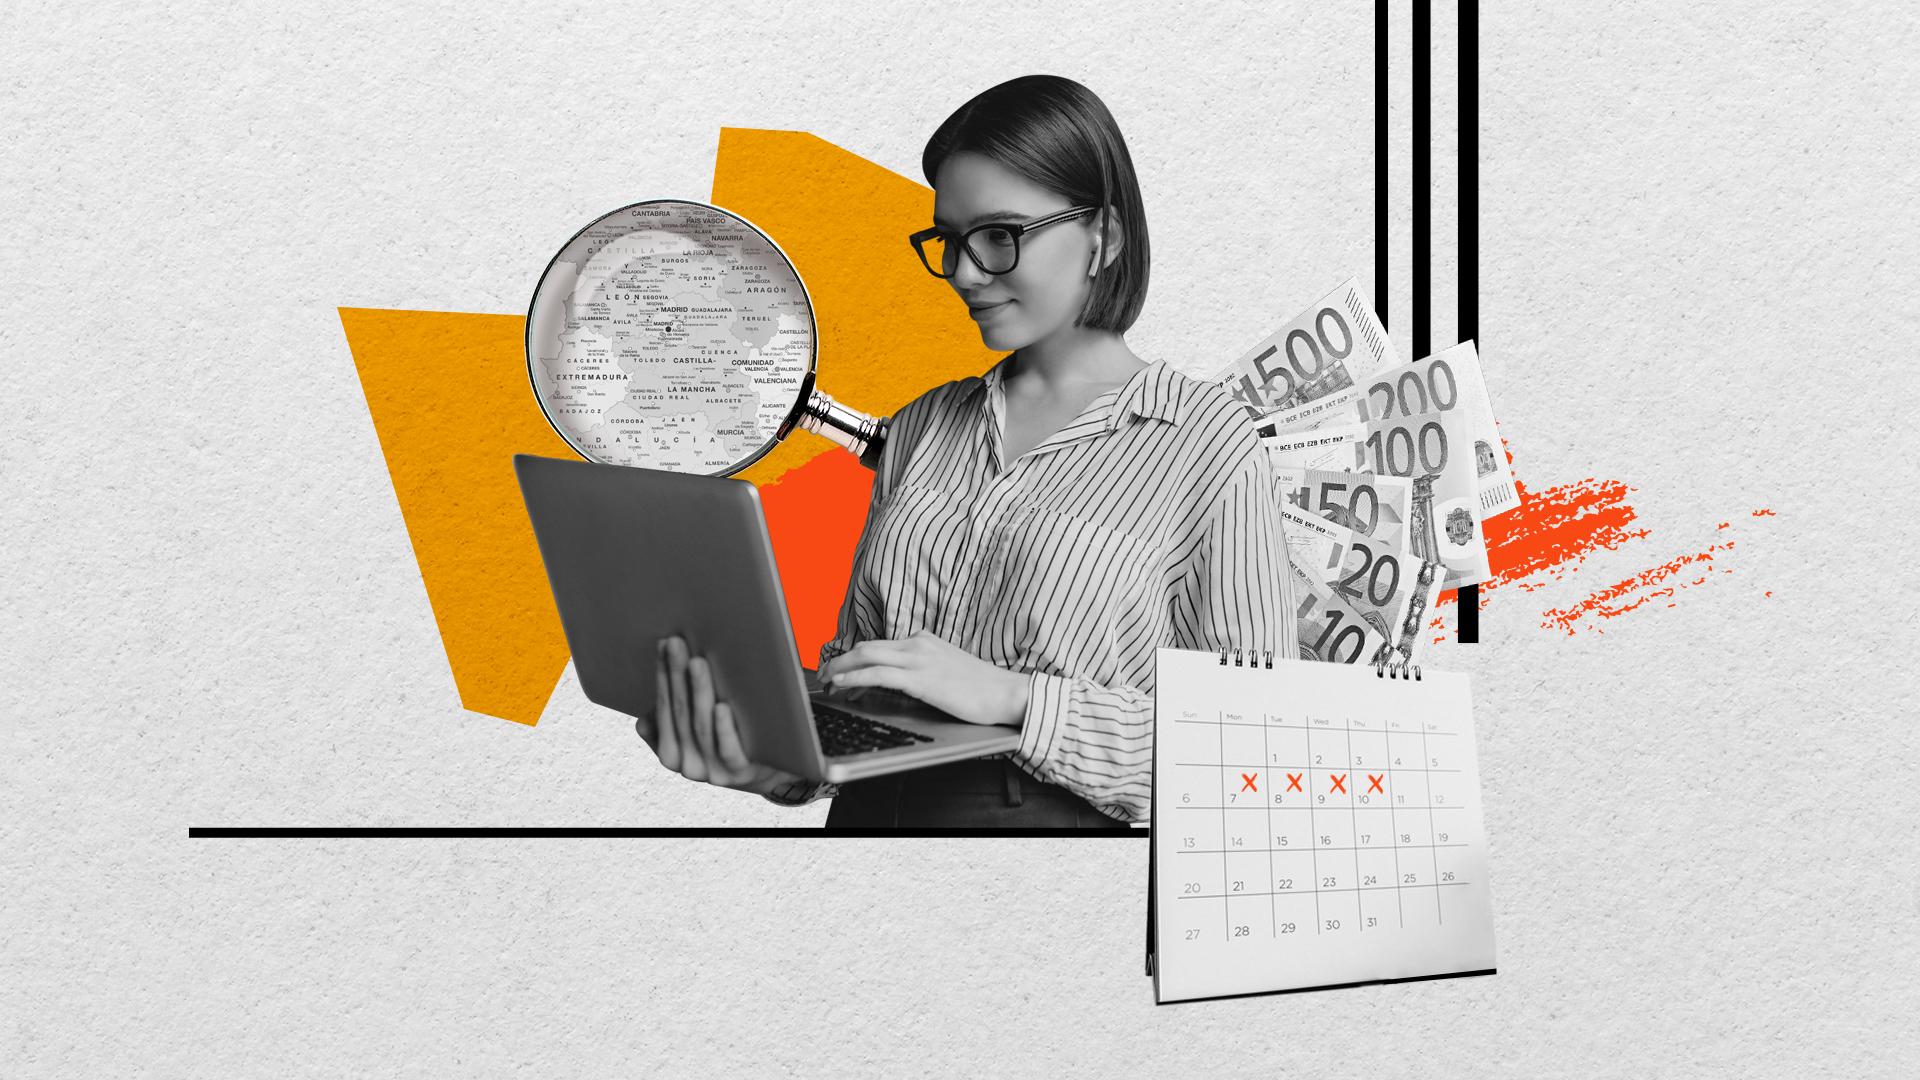 Trabajar cuatro días y descansar tres: cómo y dónde se ensaya la nueva semana laboral